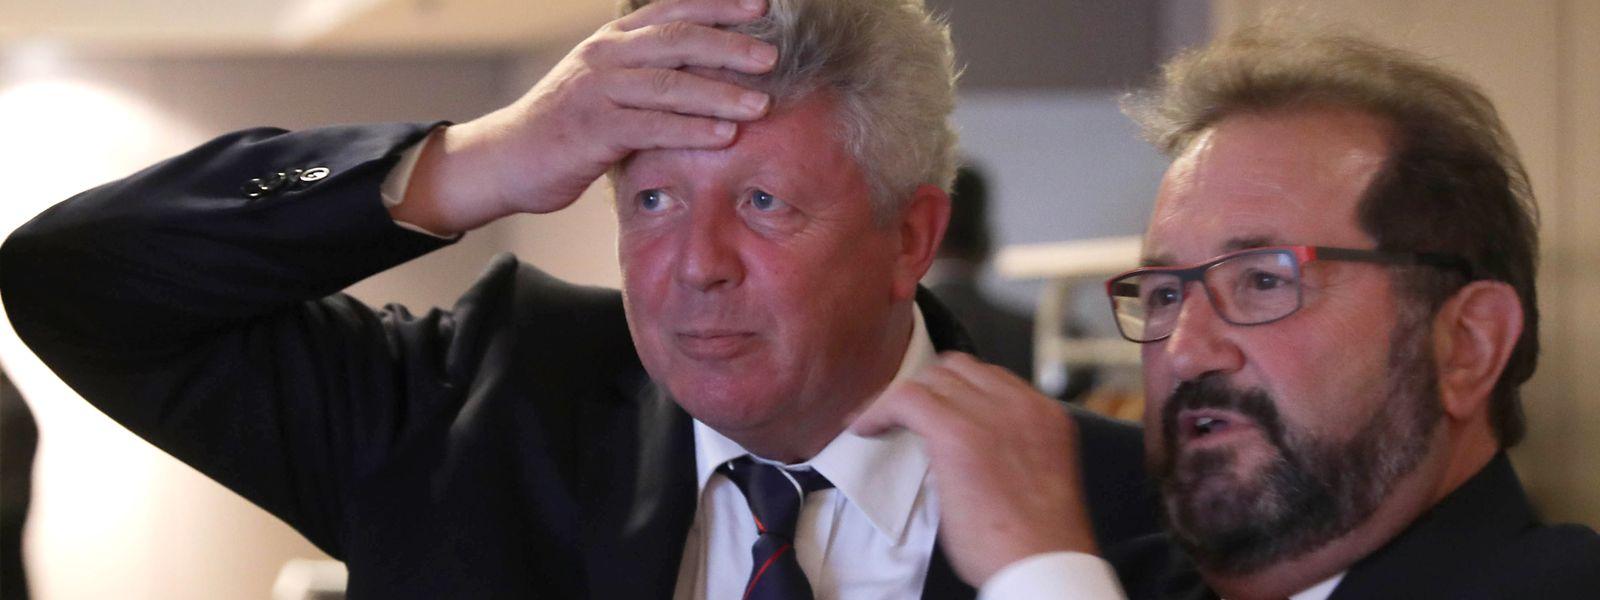 Roy Rediung und Gast Giberyen blicken mit gemischten Gefühlen auf das Wahlergebnis.